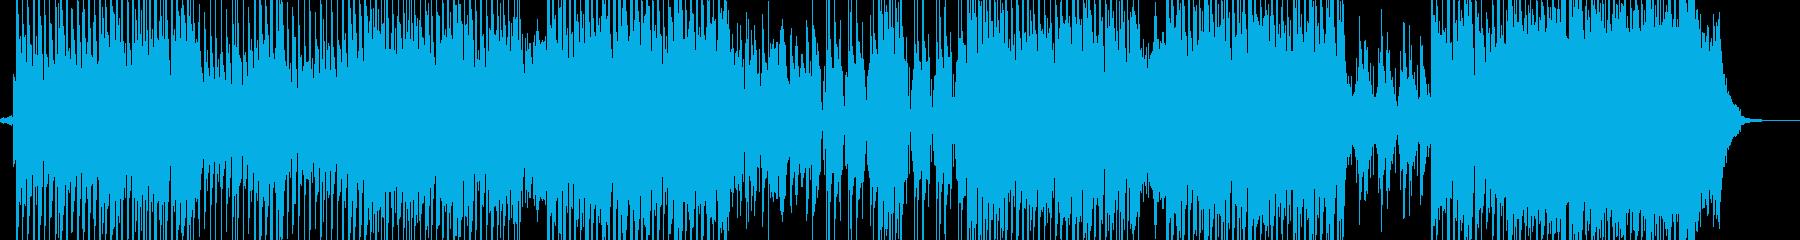 スリラーシンセ・テクノ ホルン・ギター無の再生済みの波形